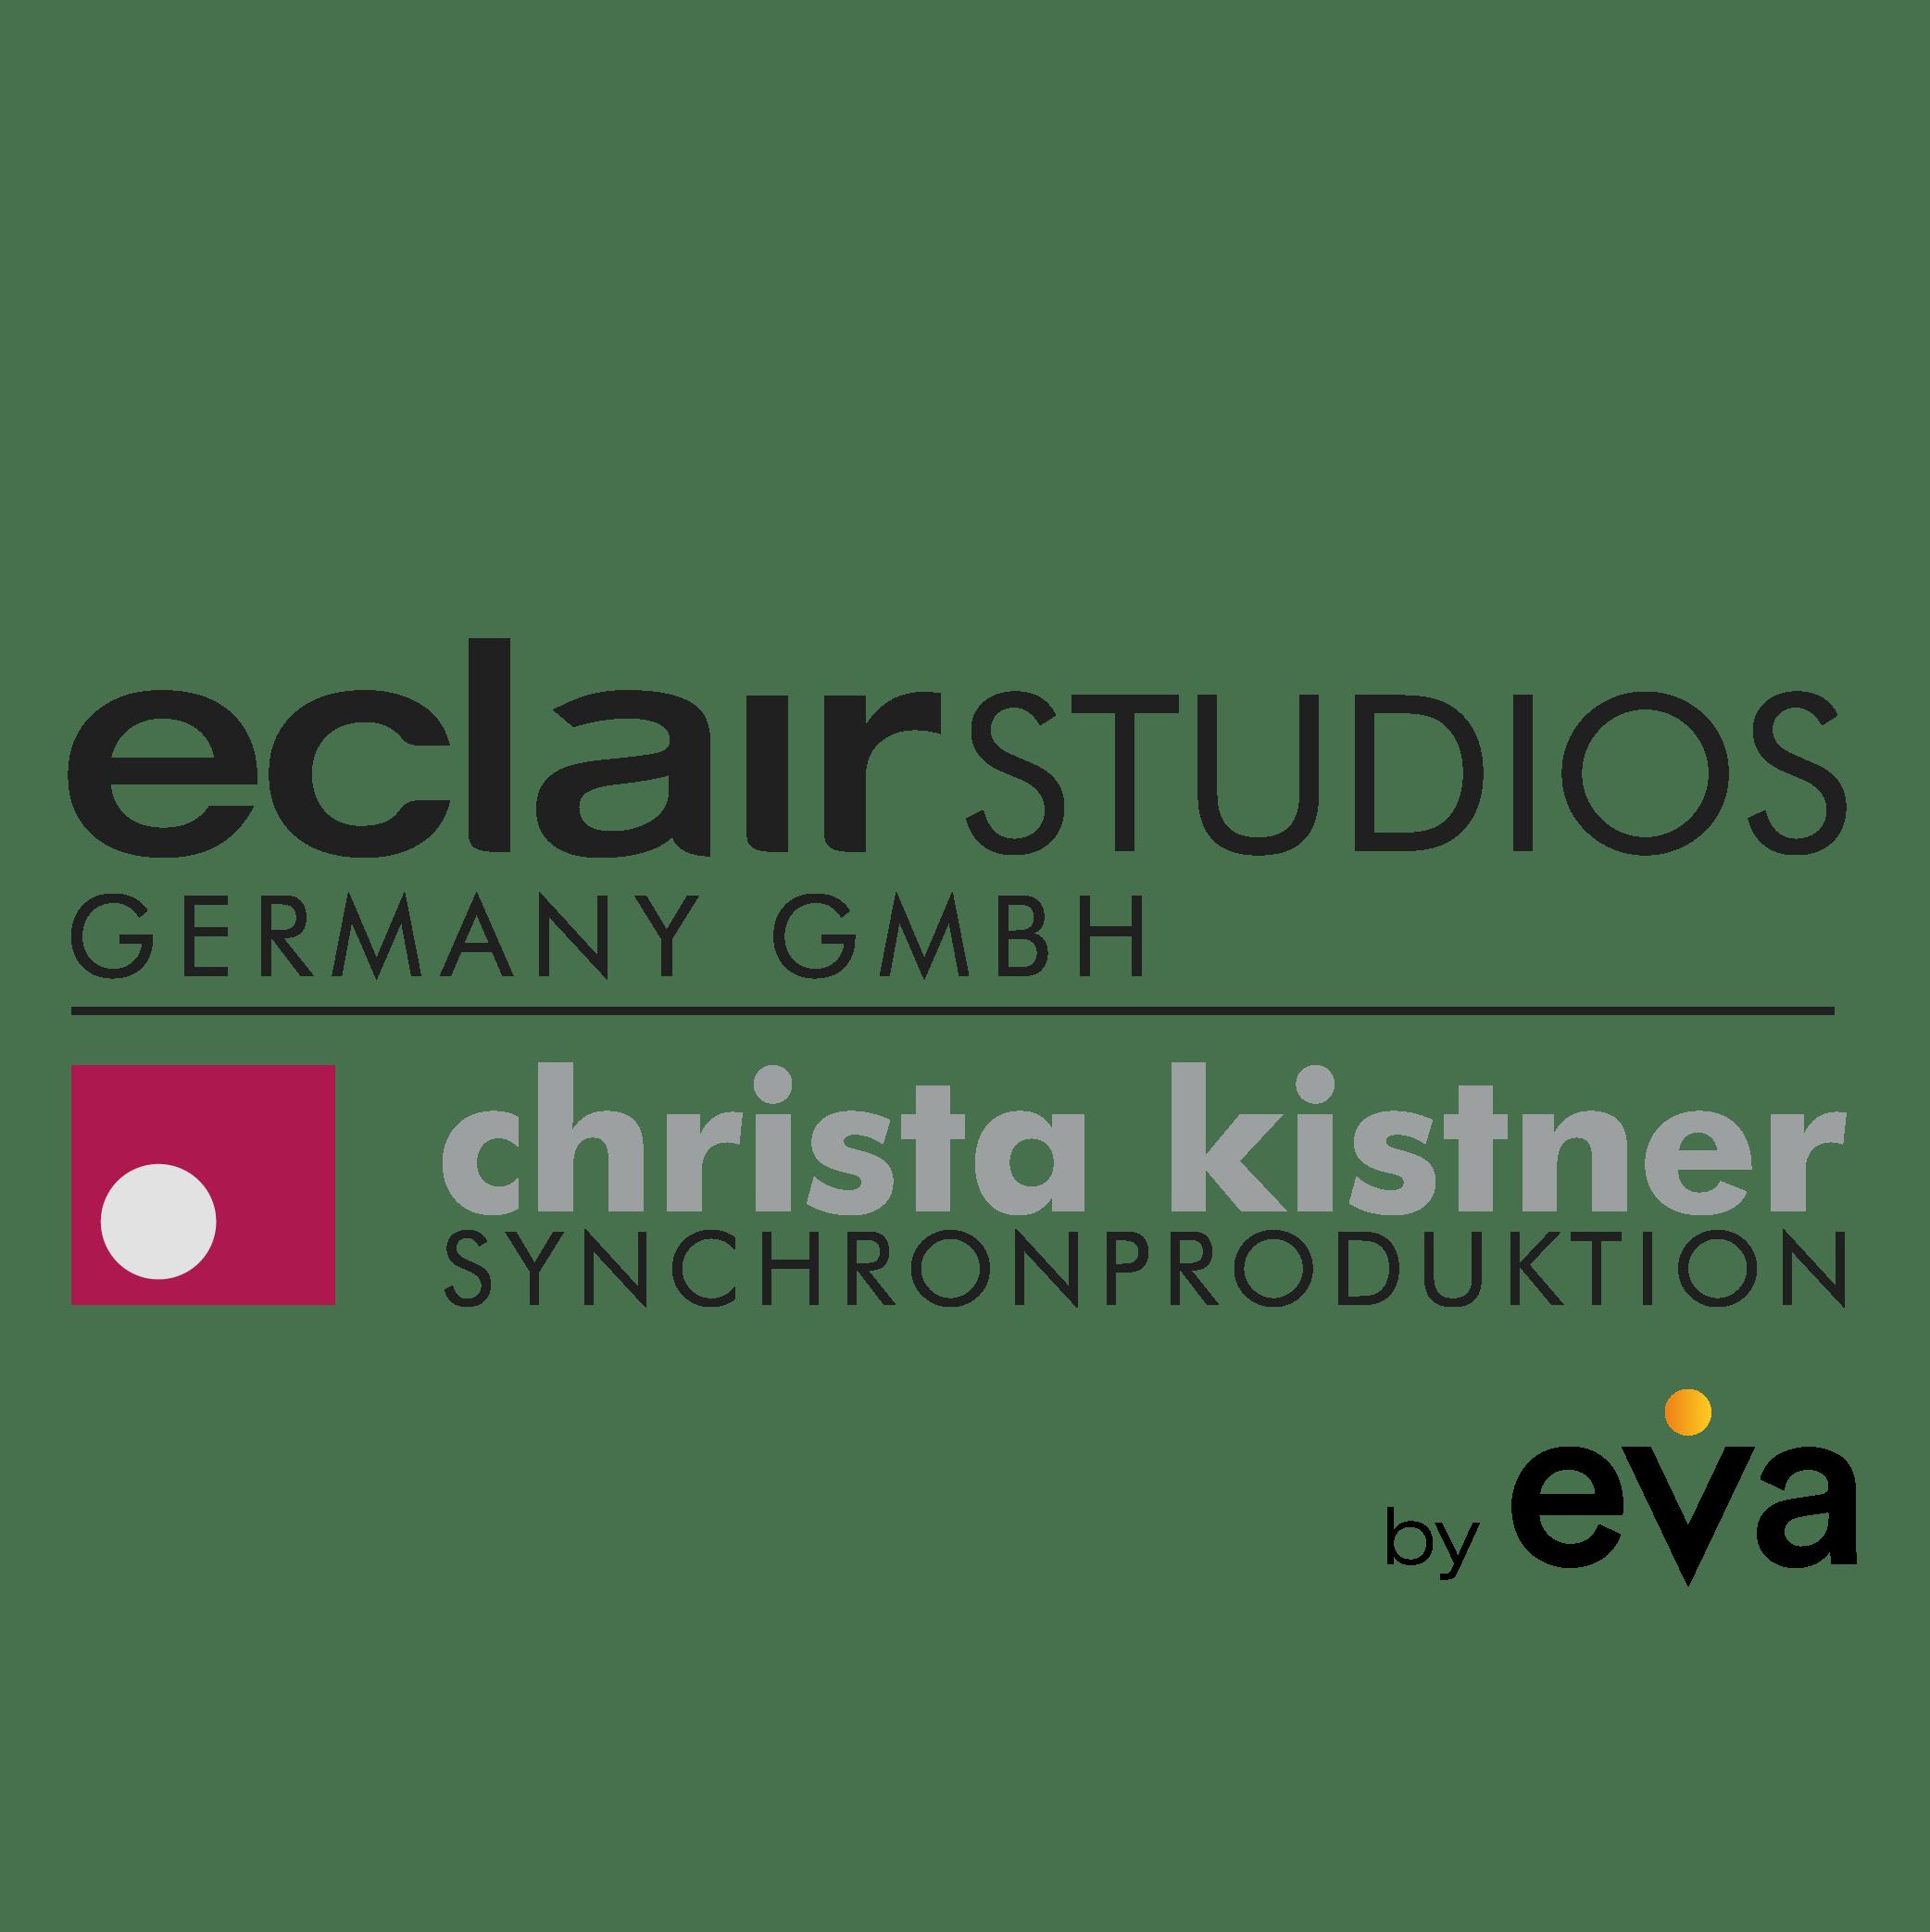 Eclair Studios Germany – Christa Kistner Synchronproduktion remporte le Prix 2021 du doublage allemand avec la série Lupin (Netflix)